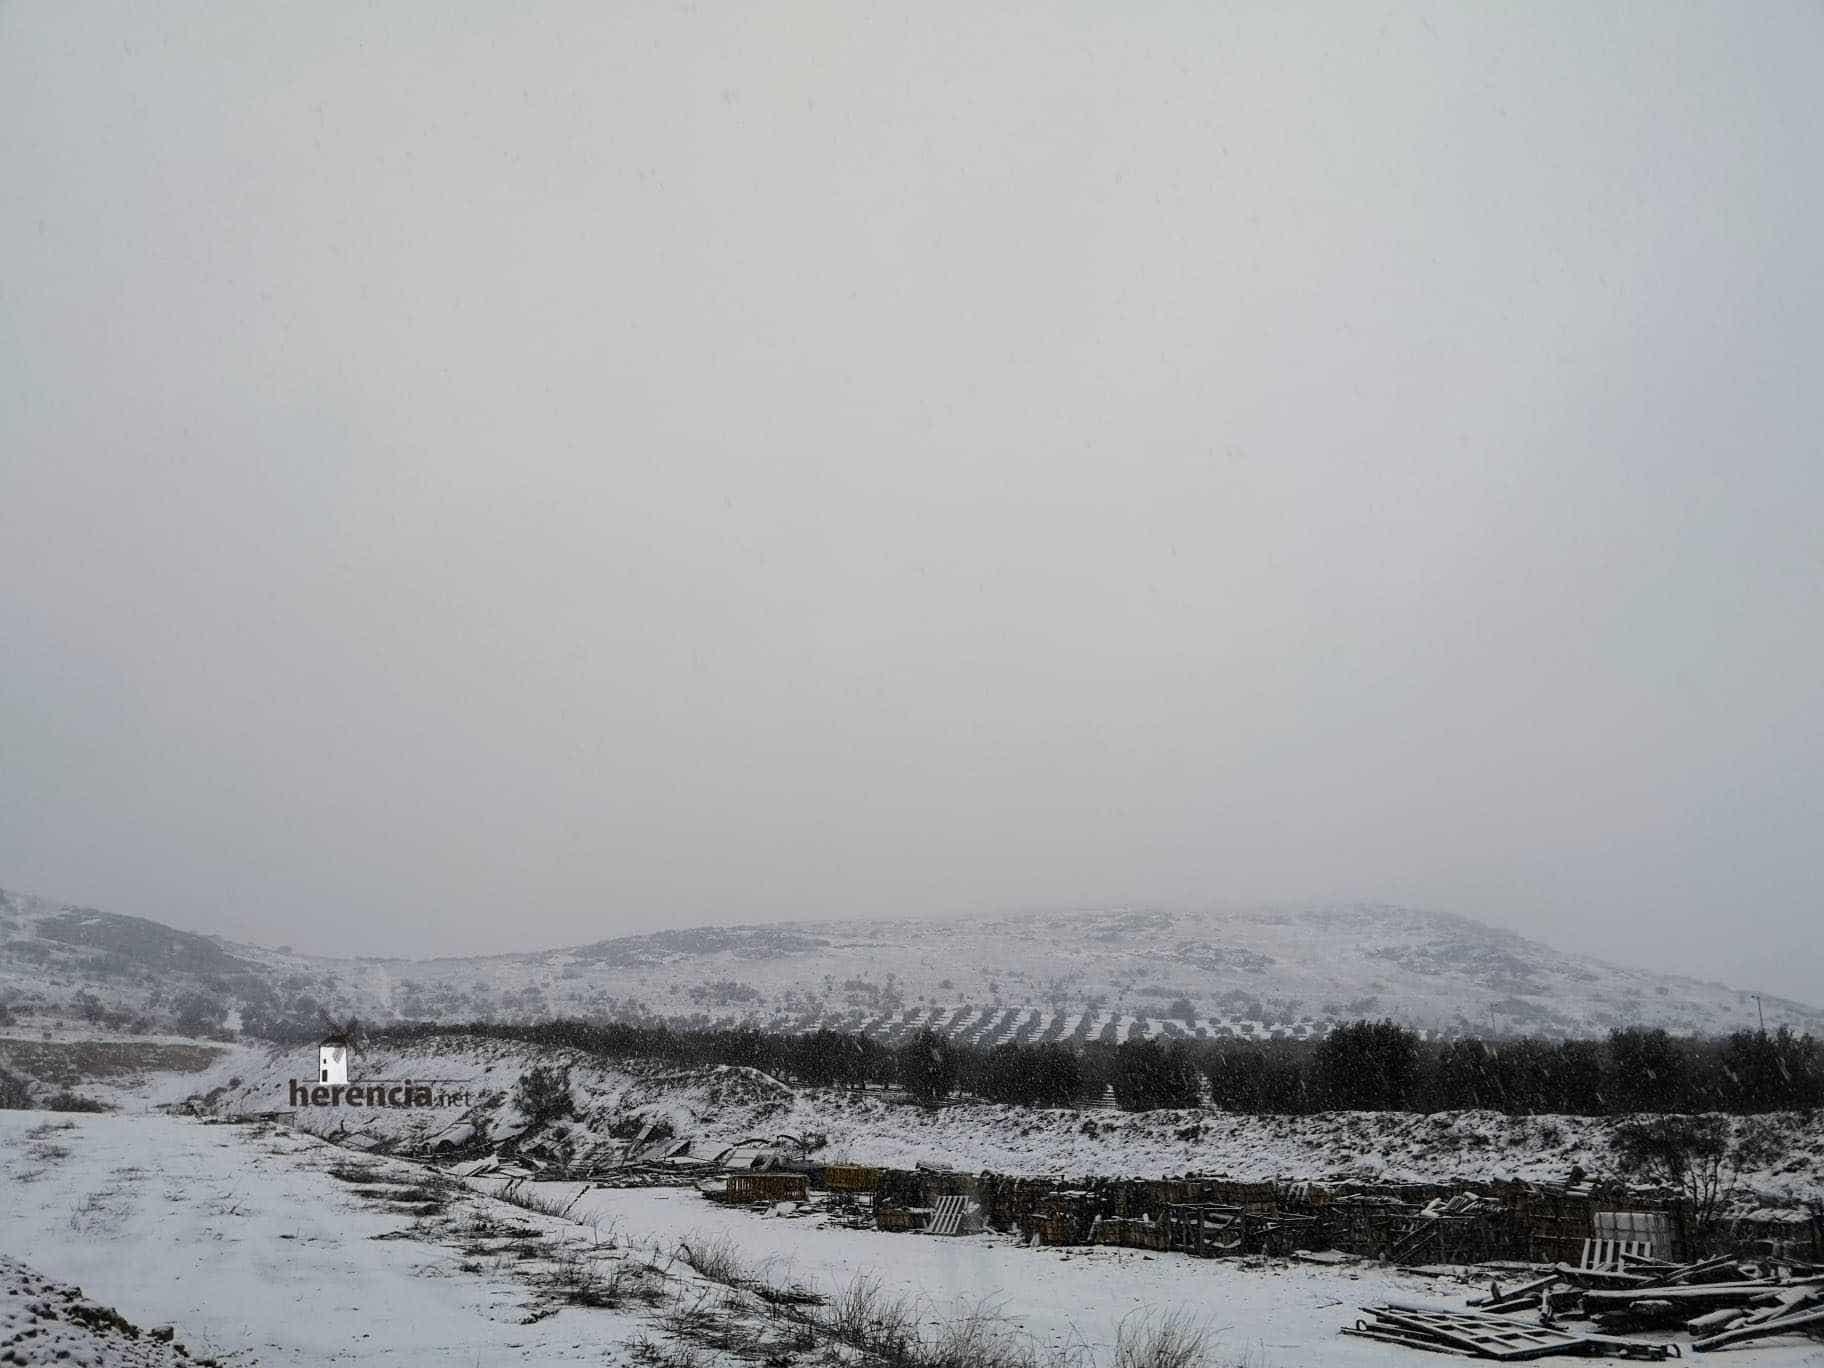 Las nevadas llegan Herencia y a toda Castilla-La Mancha (actualizado) 112